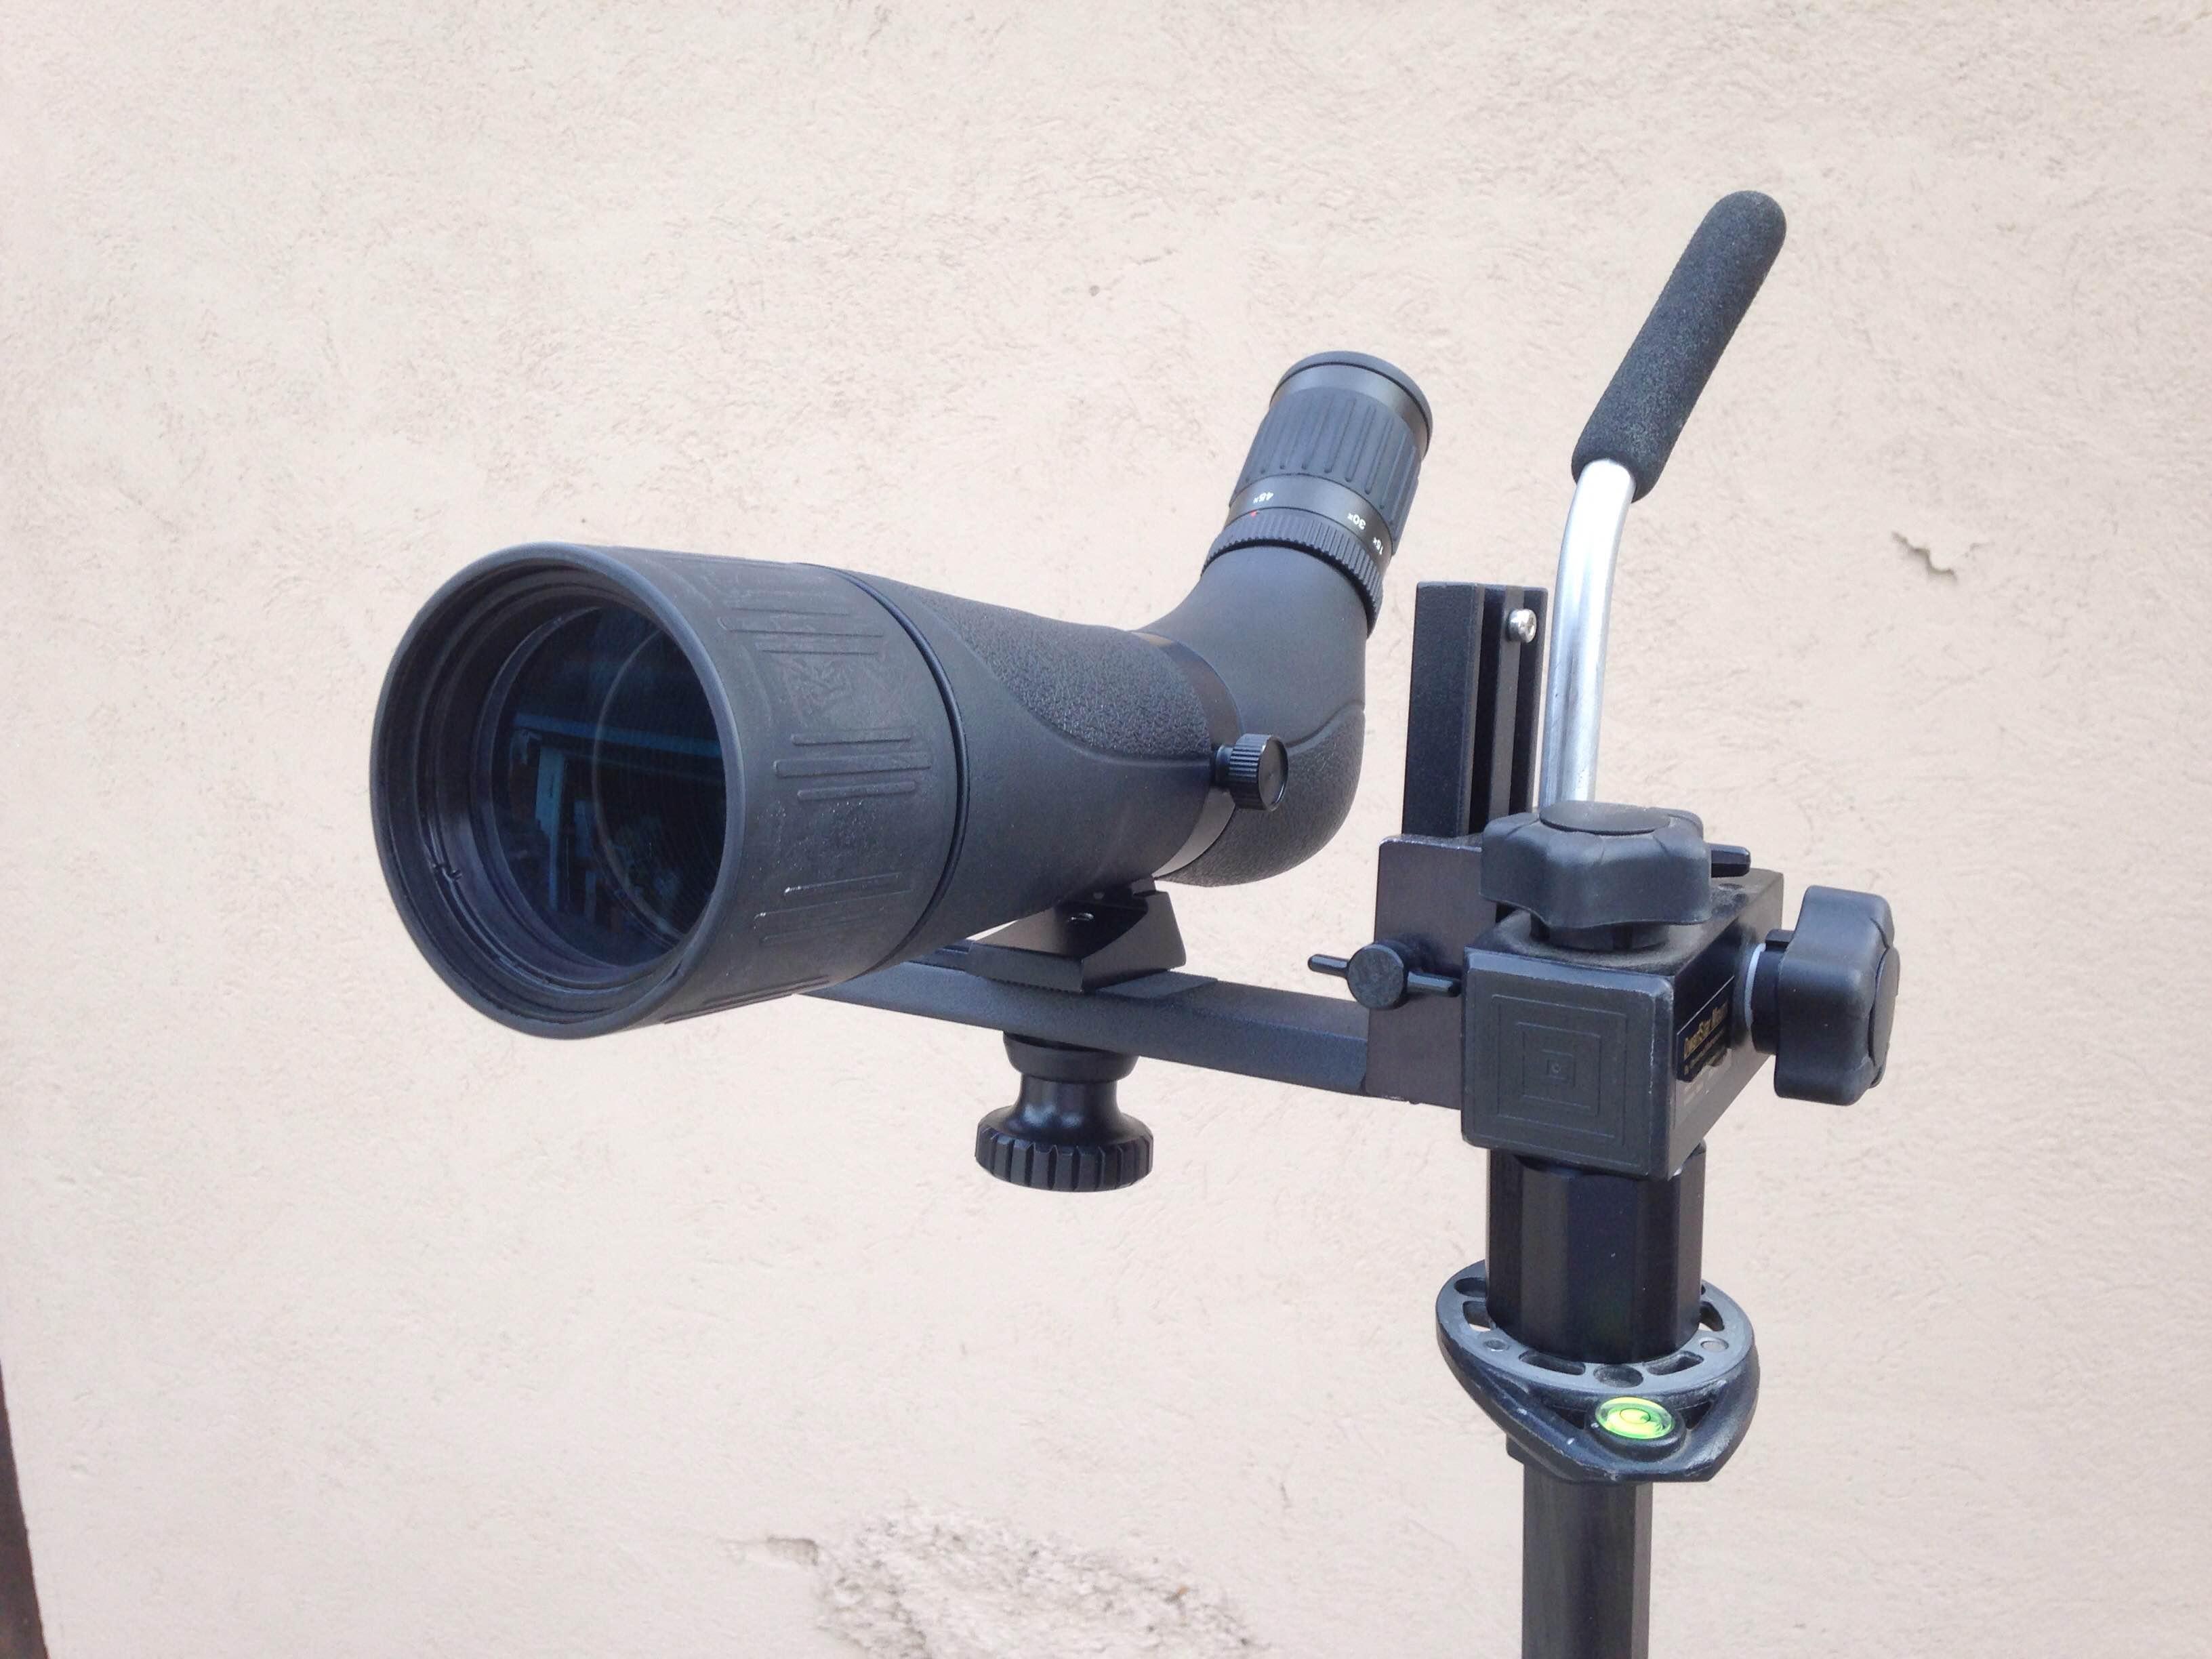 Bresser Spektar 15-45x60 4 - on L-bar